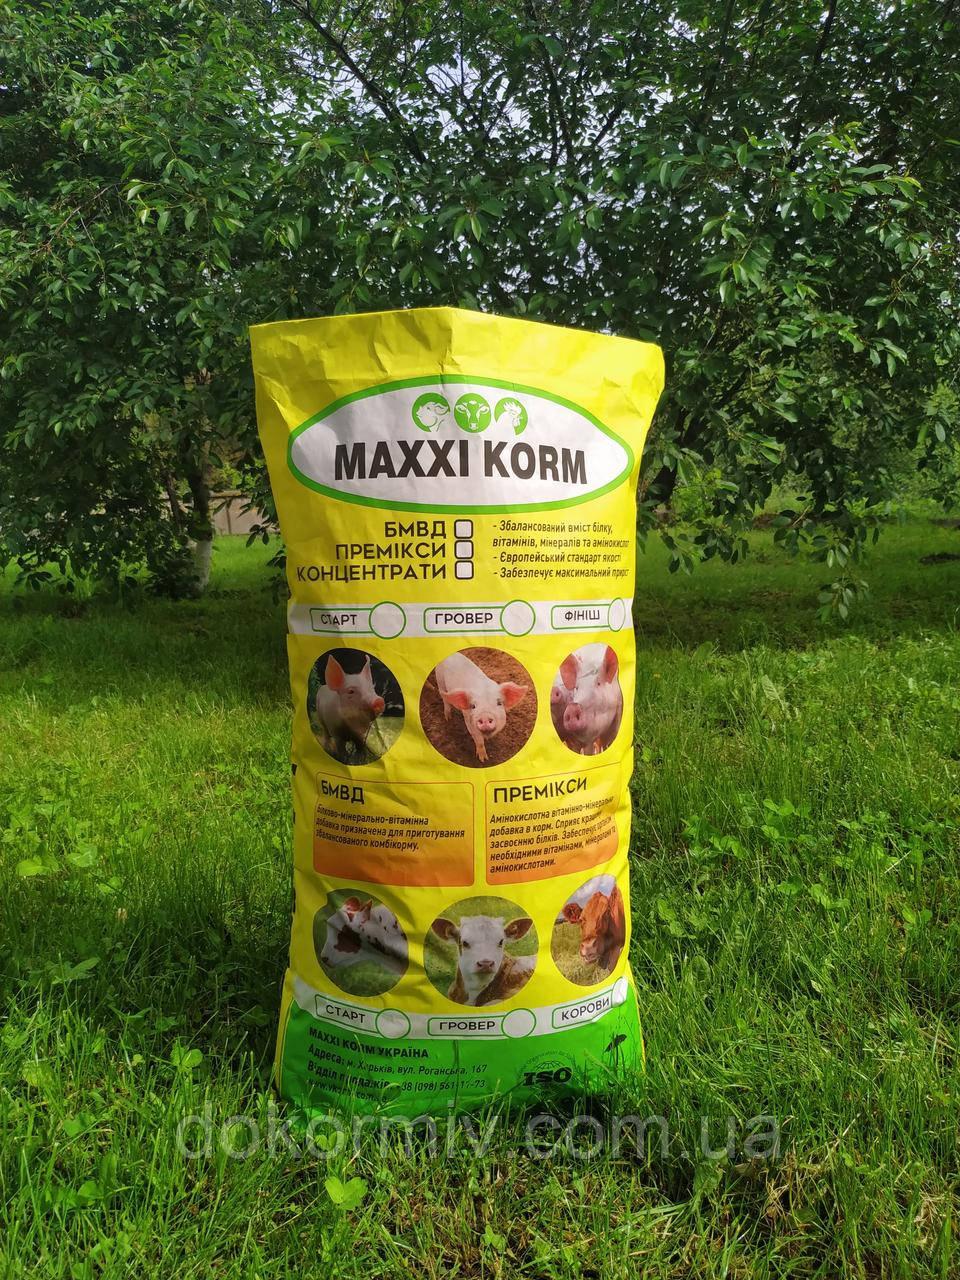 БМВД MAXXI KORM для бичків 25 % від 120 кг